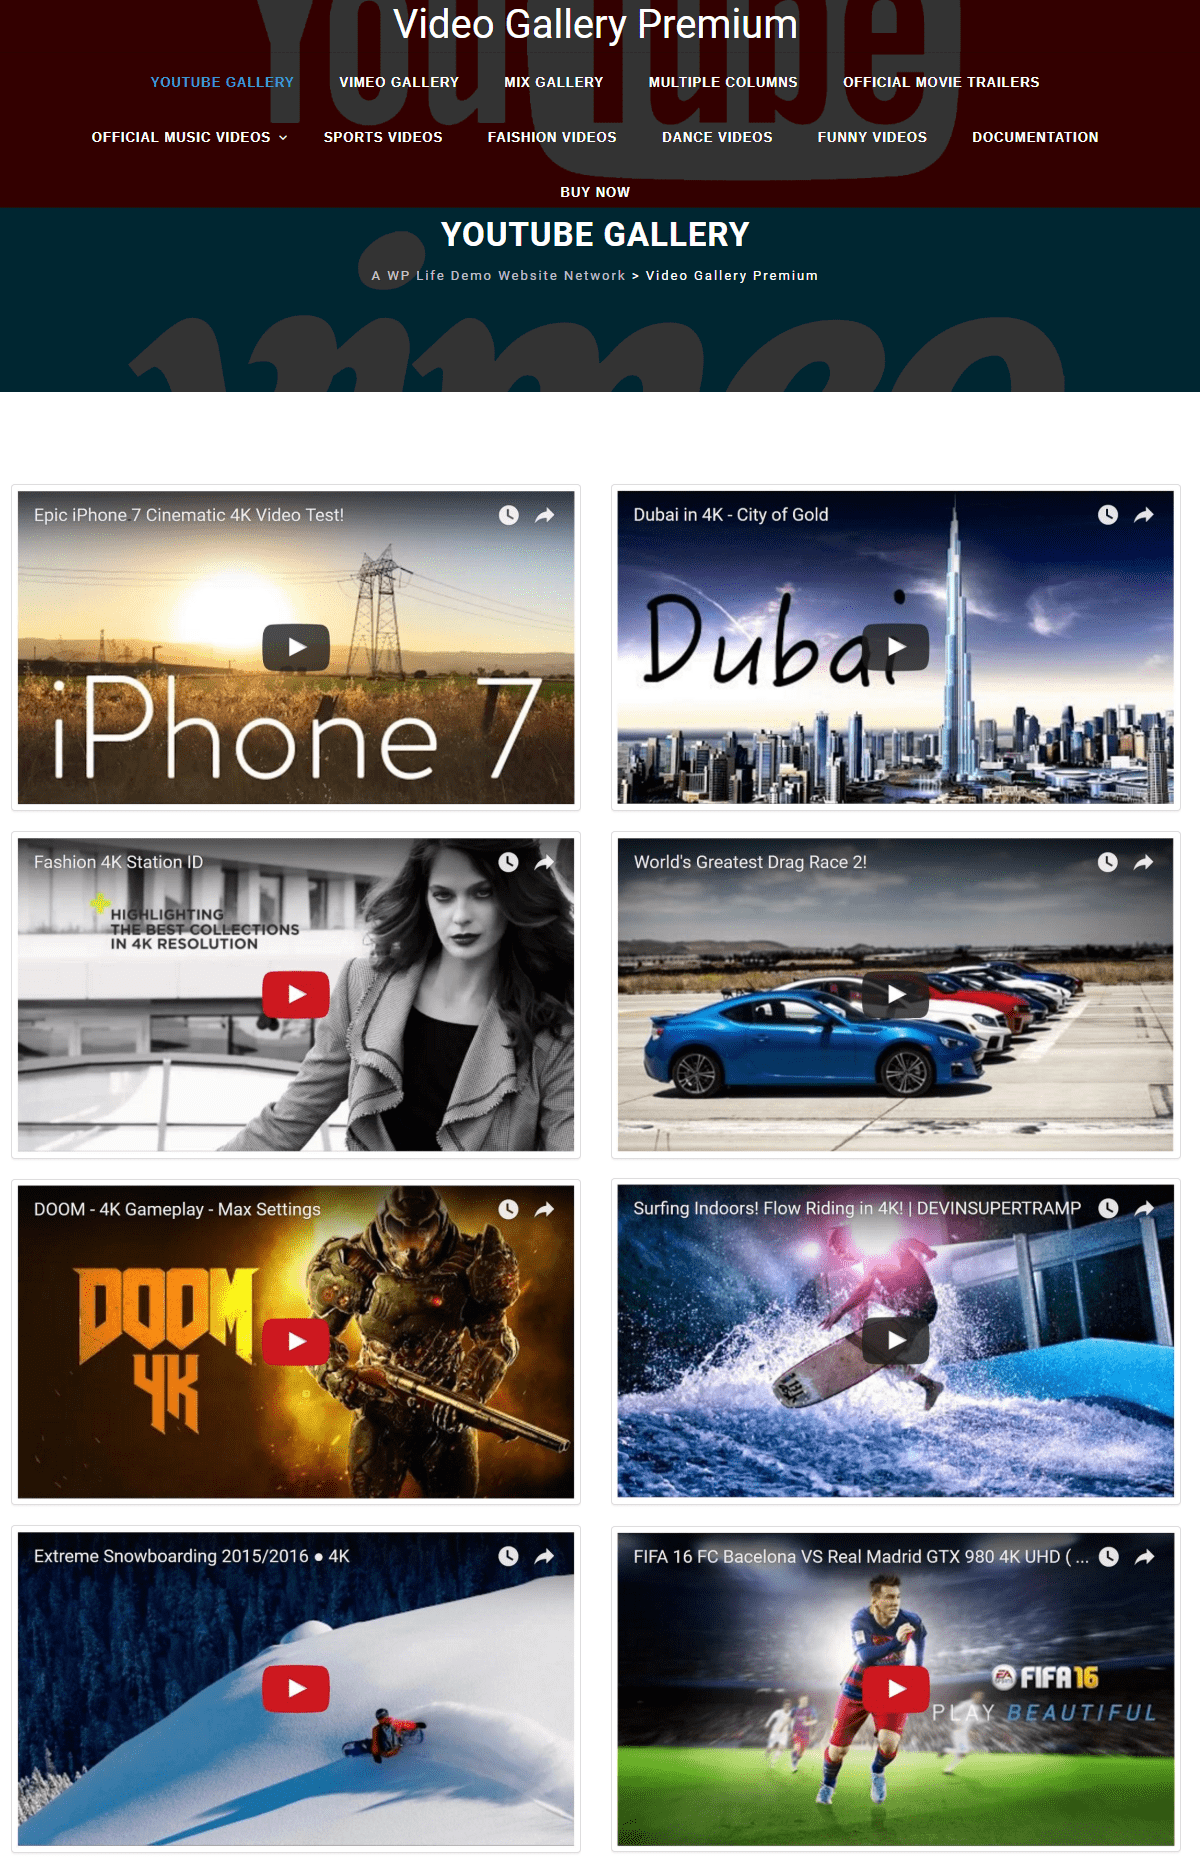 Video Gallery premium